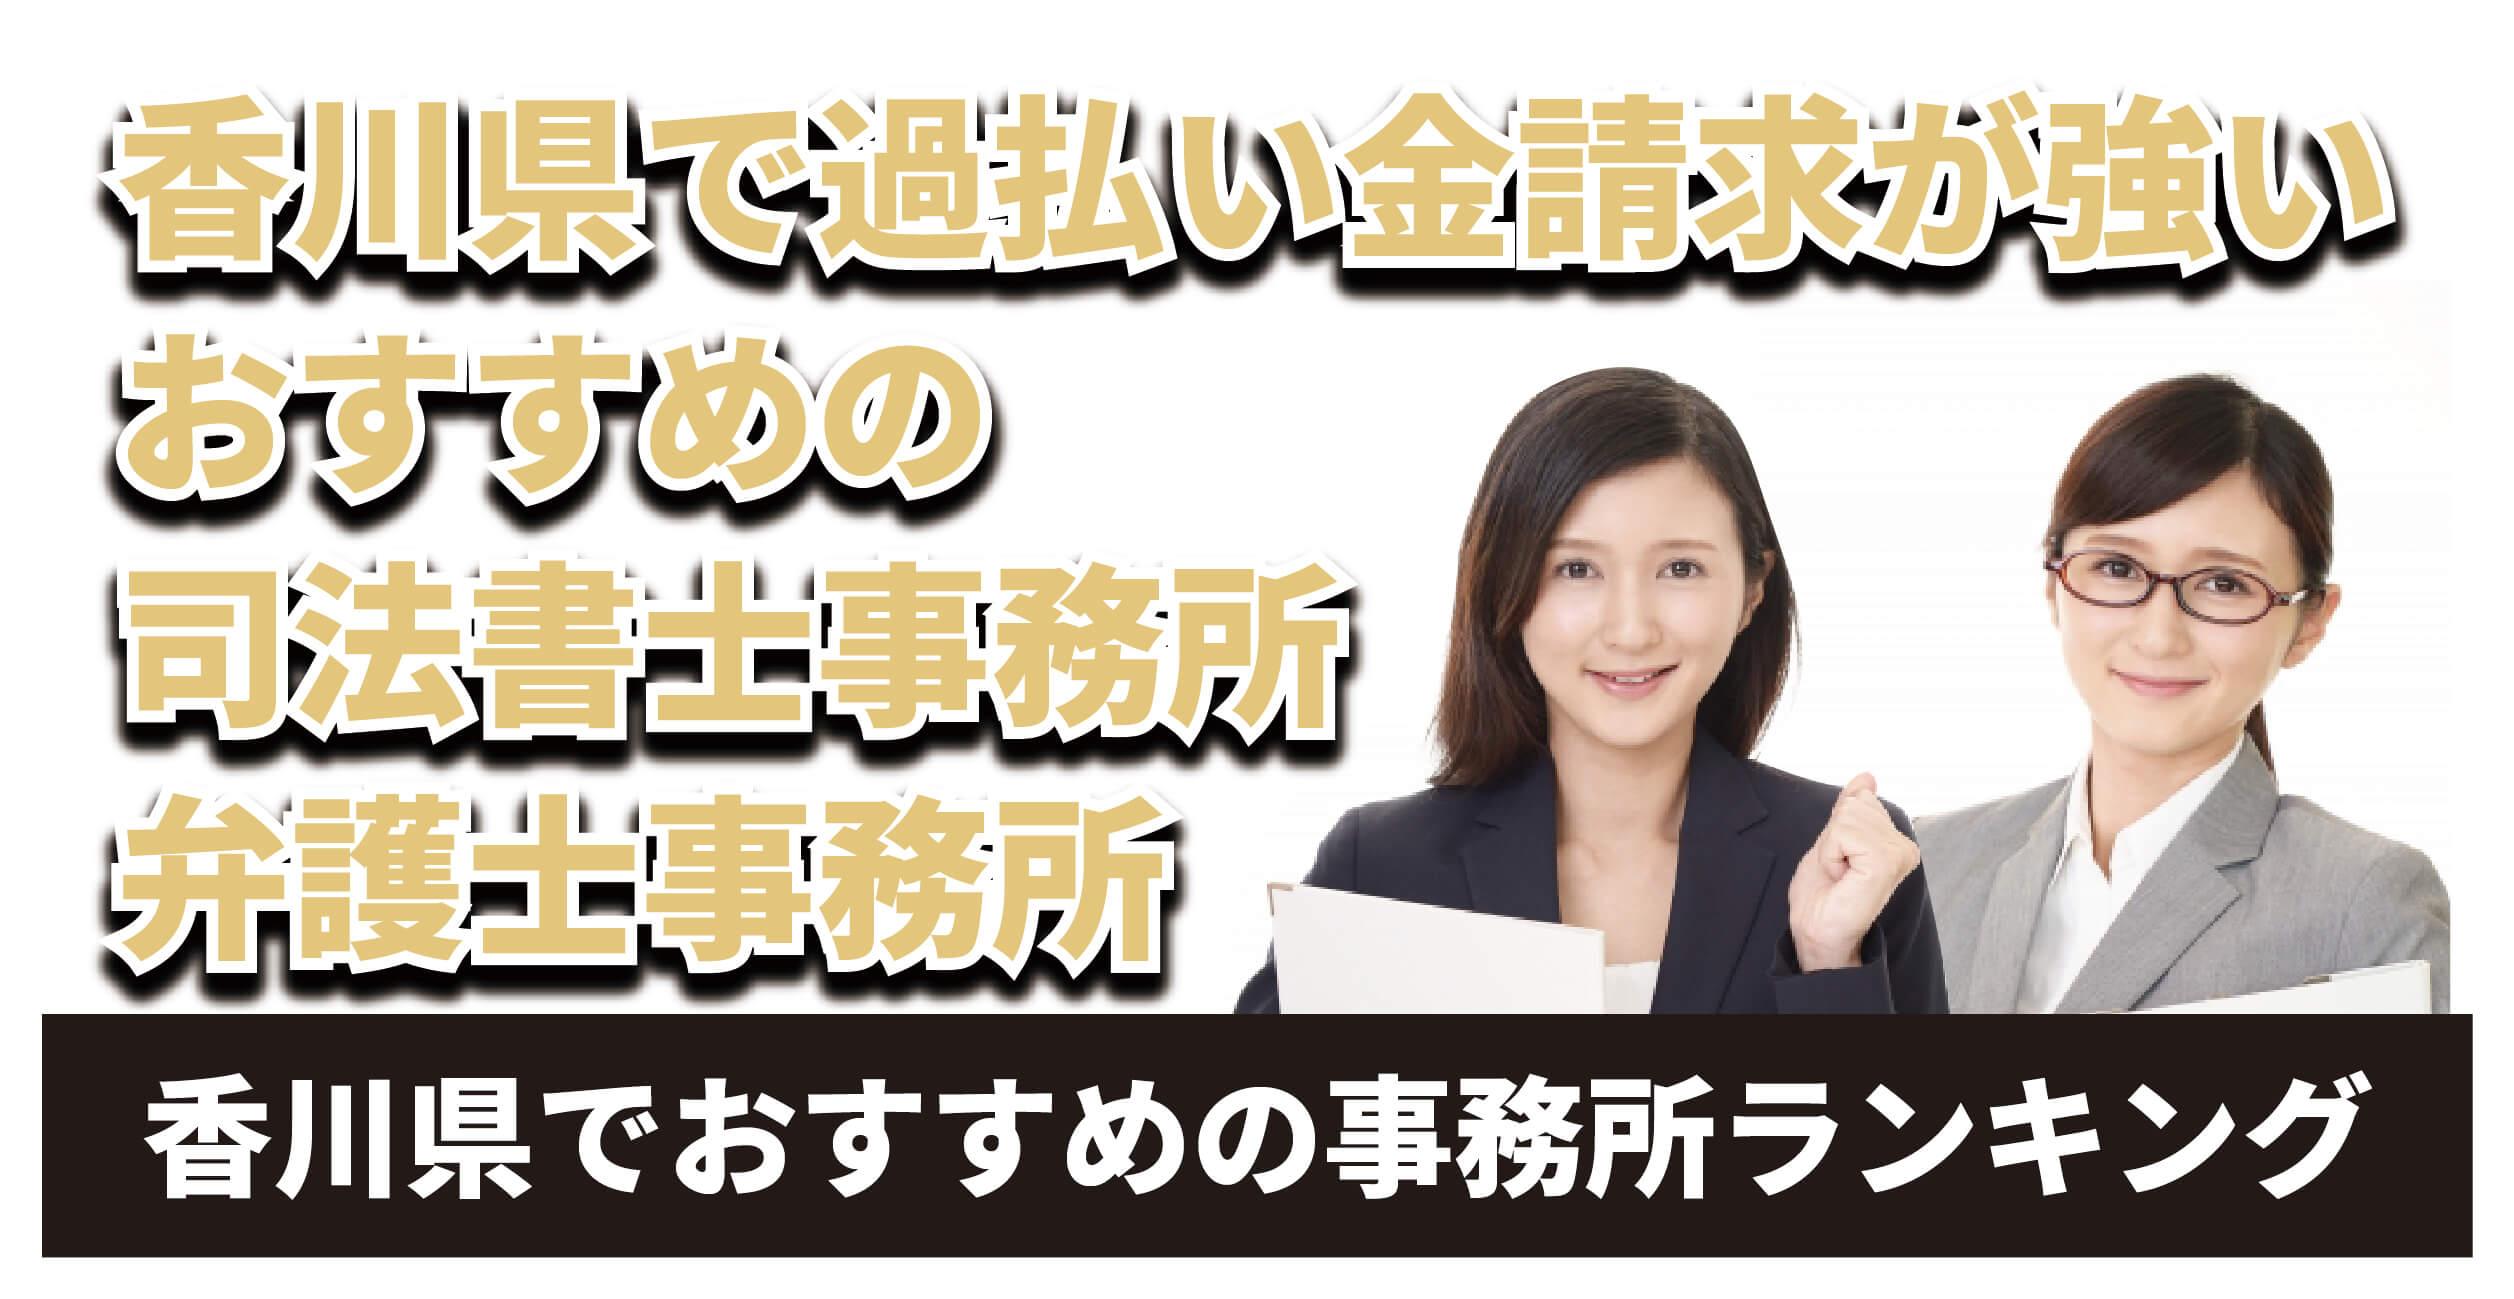 香川県で過払い金請求が強い司法書士は?